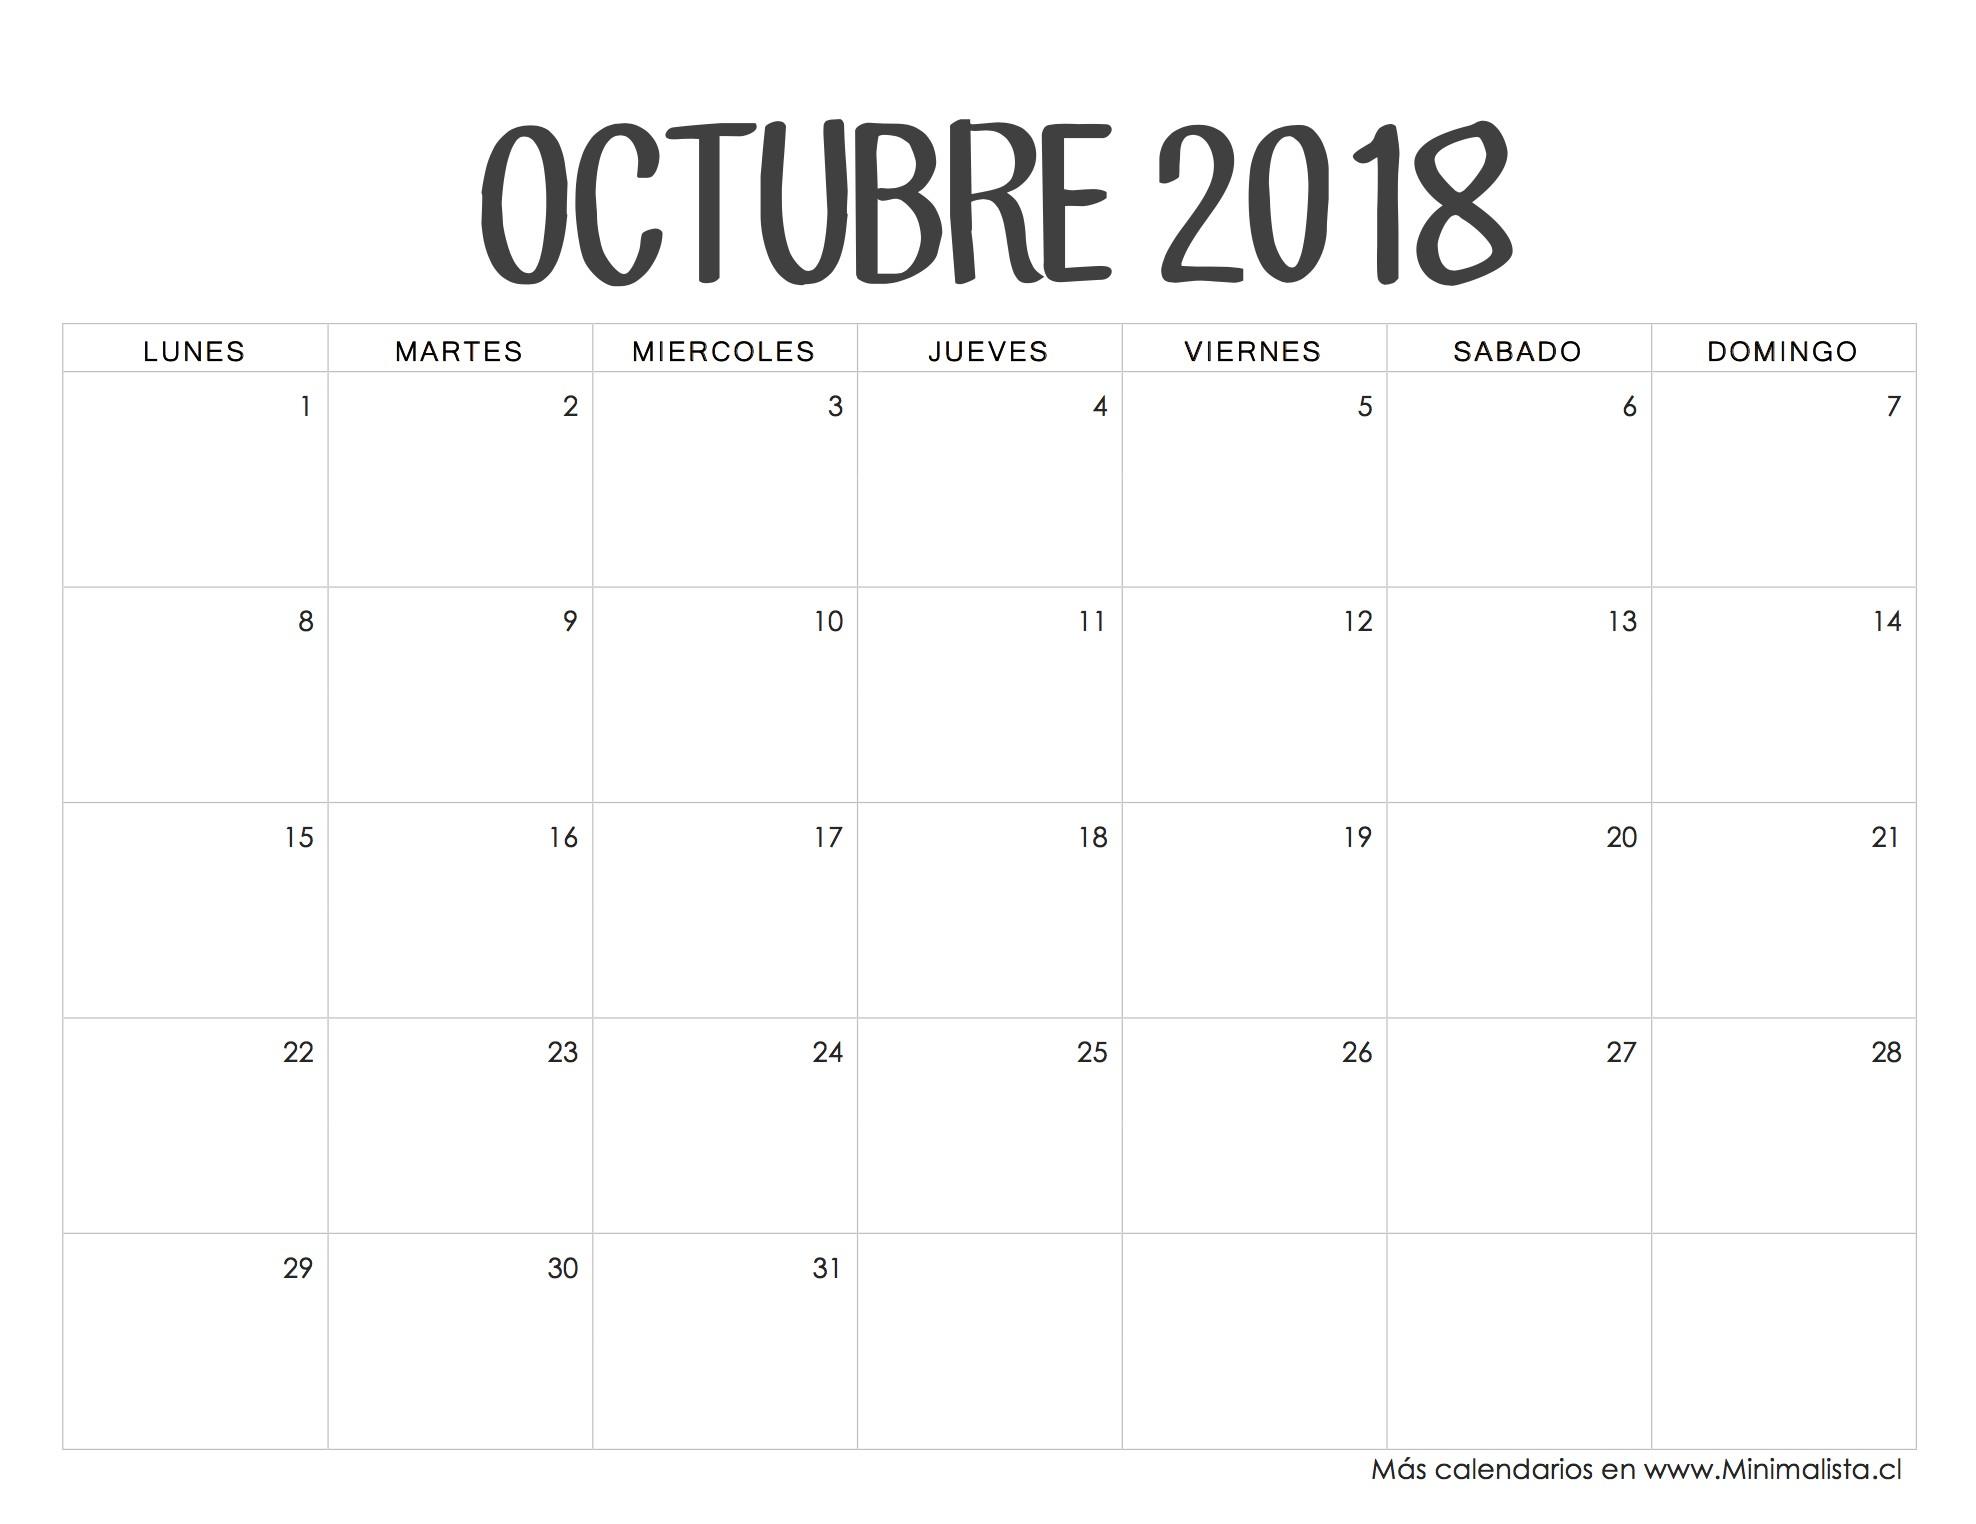 Calendario 2019 Imprimir A3 Más Caliente Calendario Octubre 2018 organizarme Pinterest Of Calendario 2019 Imprimir A3 Más Caliente Planificador Calendario Pared Para A±o 2019 Vector Plantilla